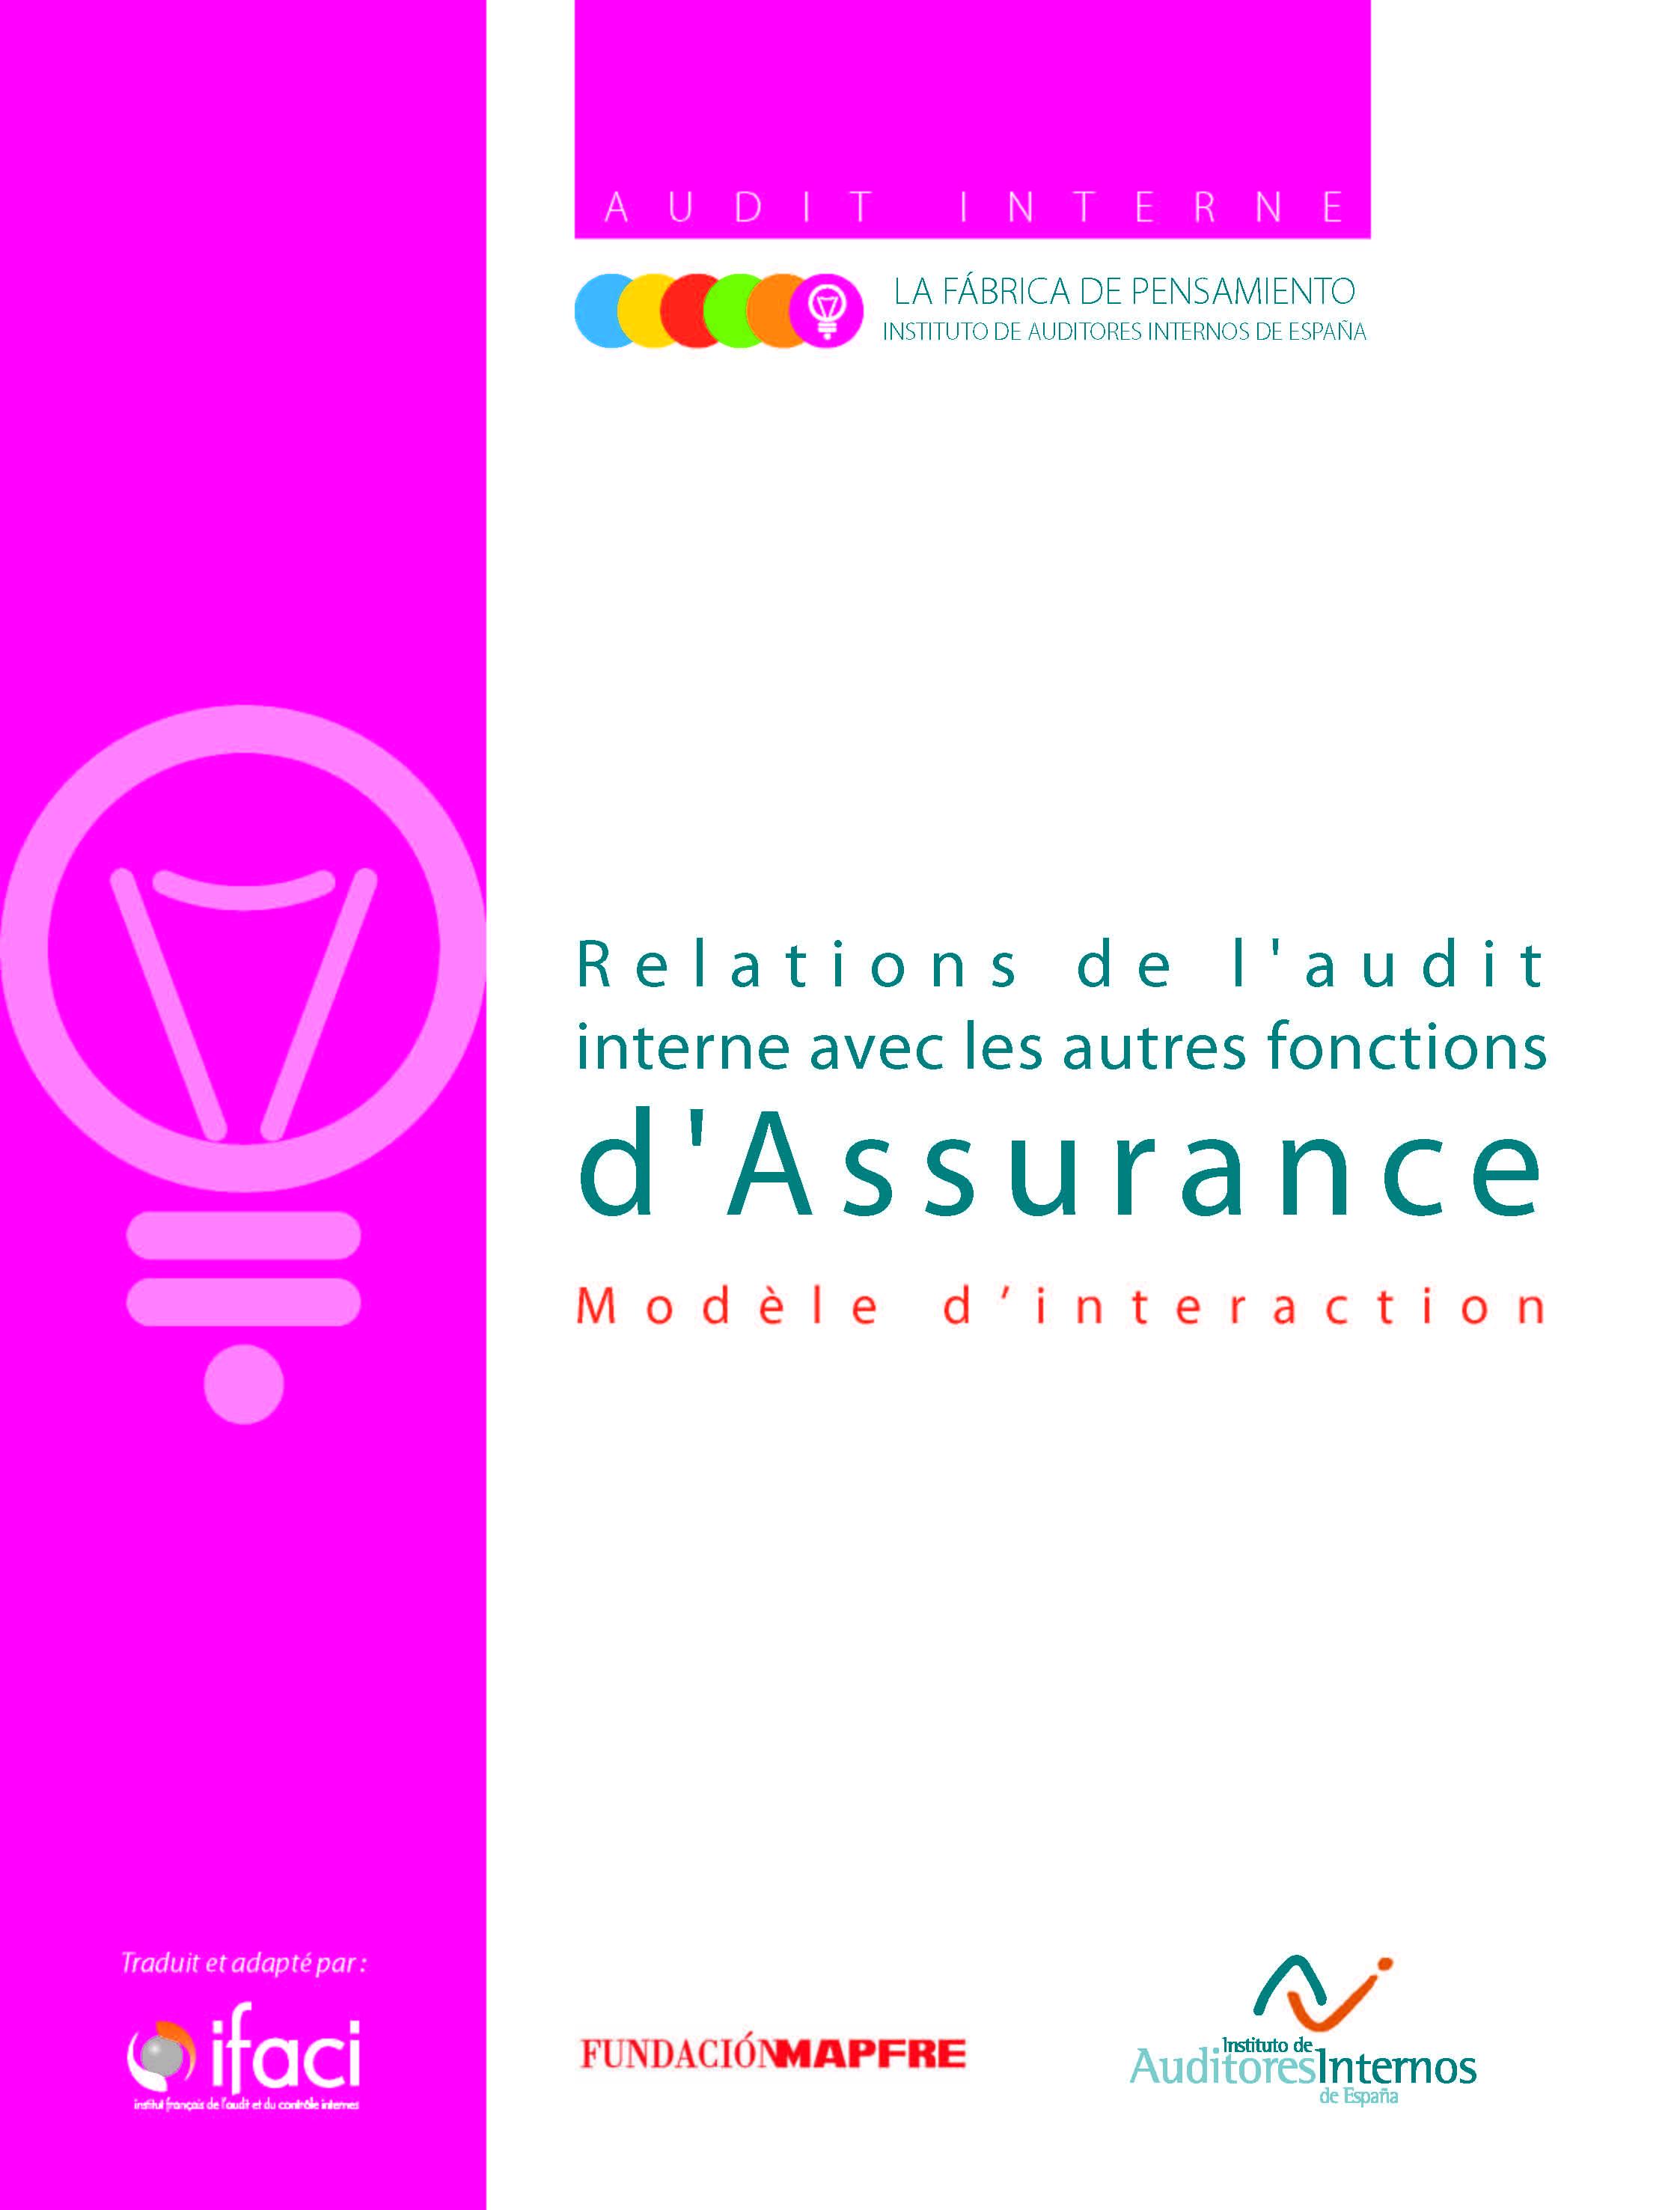 Relations de l'audit interne avec les autres fonctions d'assurance